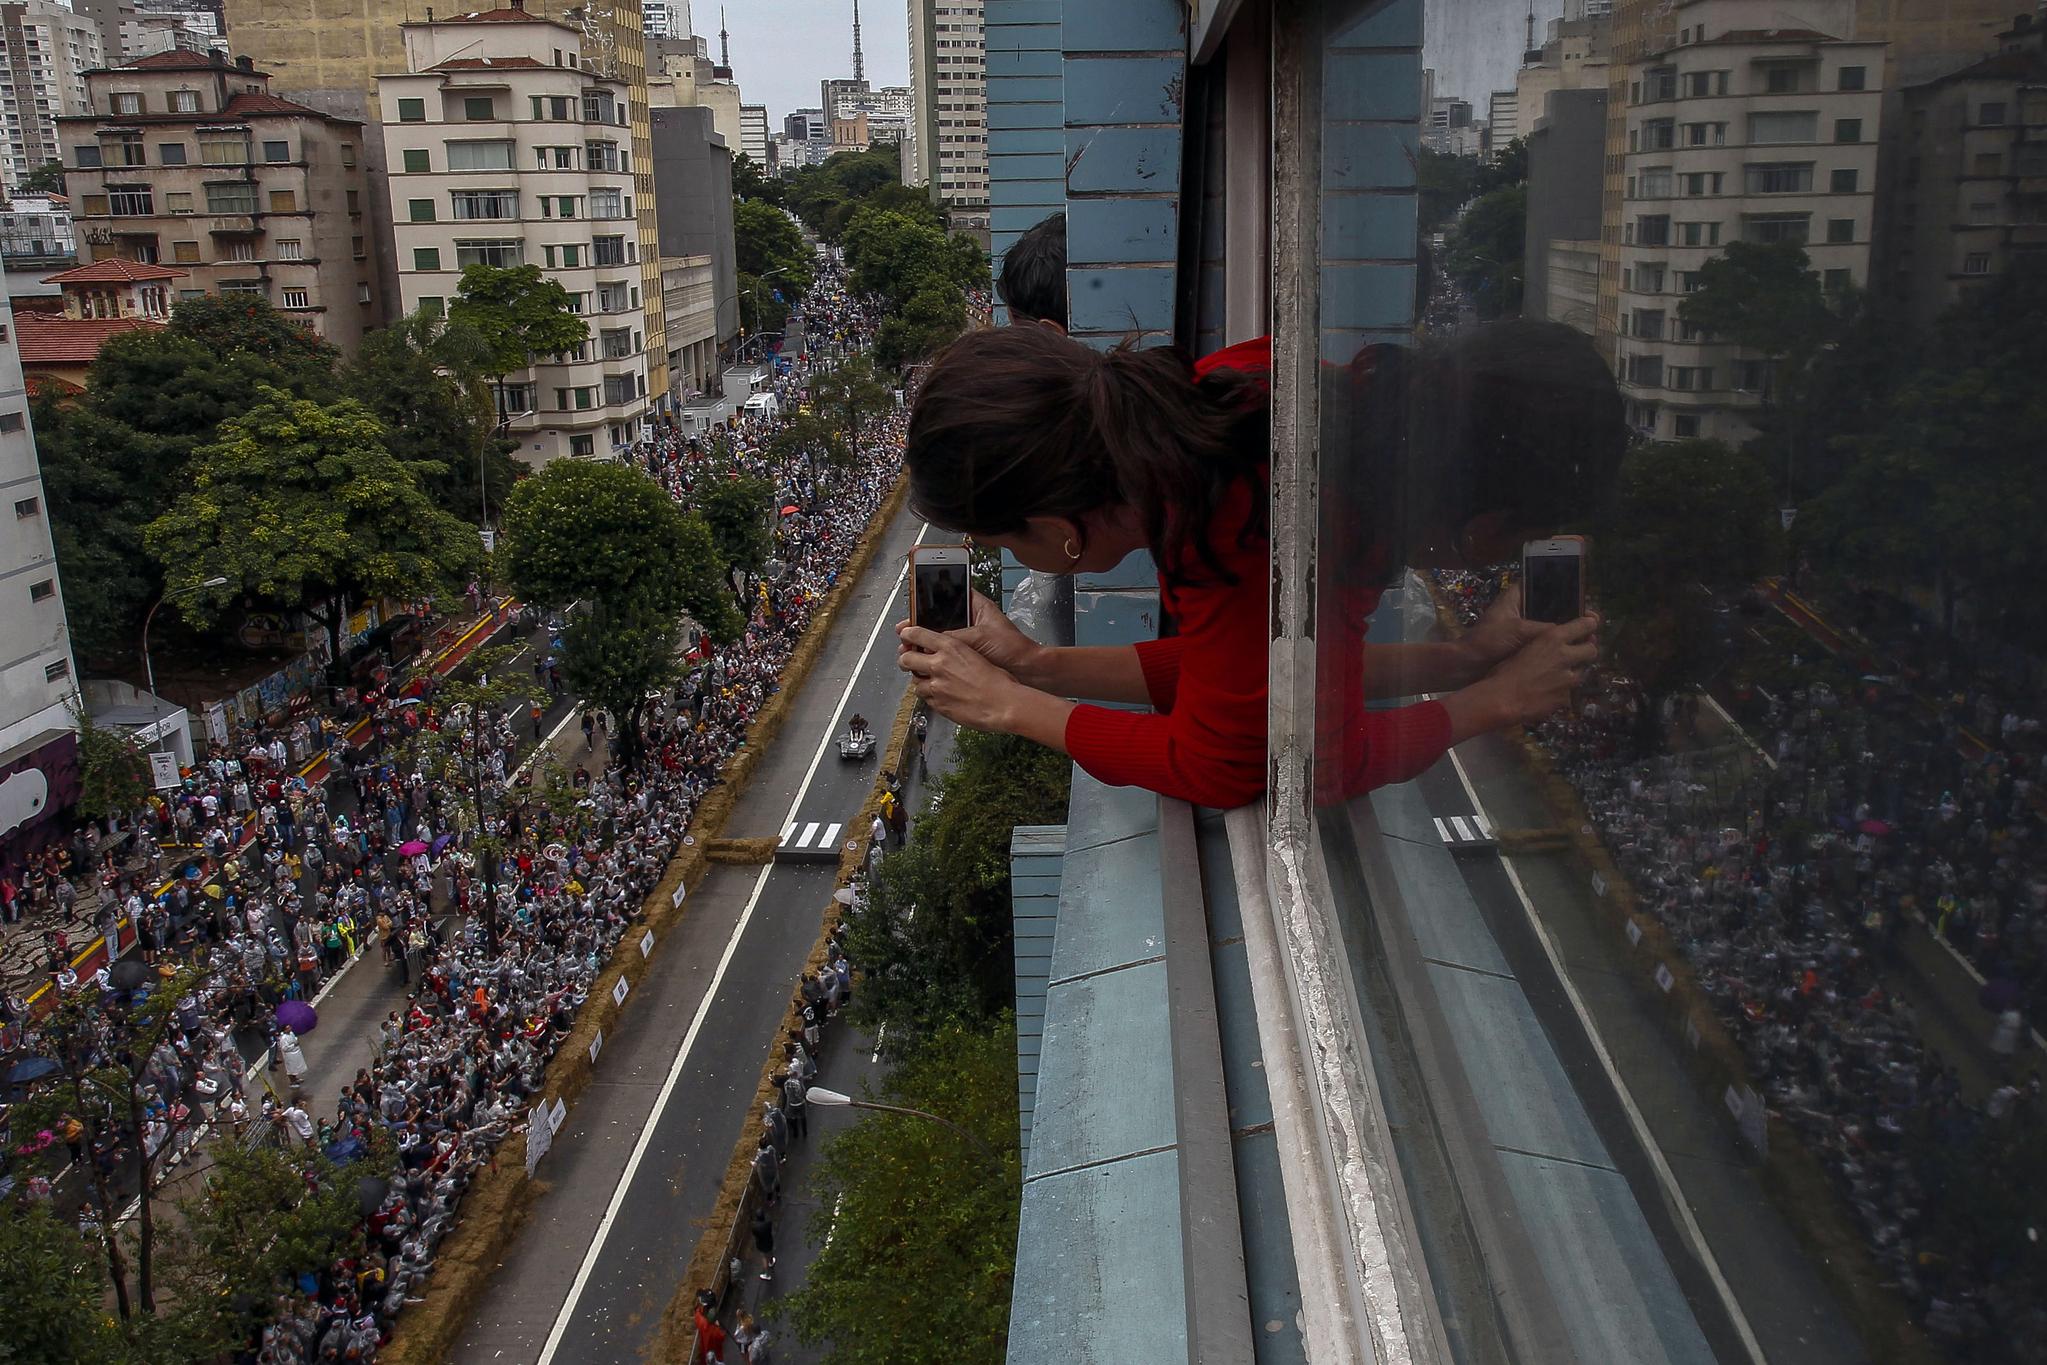 한 여성이 14일(현지시간) 브라질 상파울루에서 열린 '레드불 소프박스 레이스'를 휴대폰으로 촬영하고 있다. [AFP=연합뉴스]